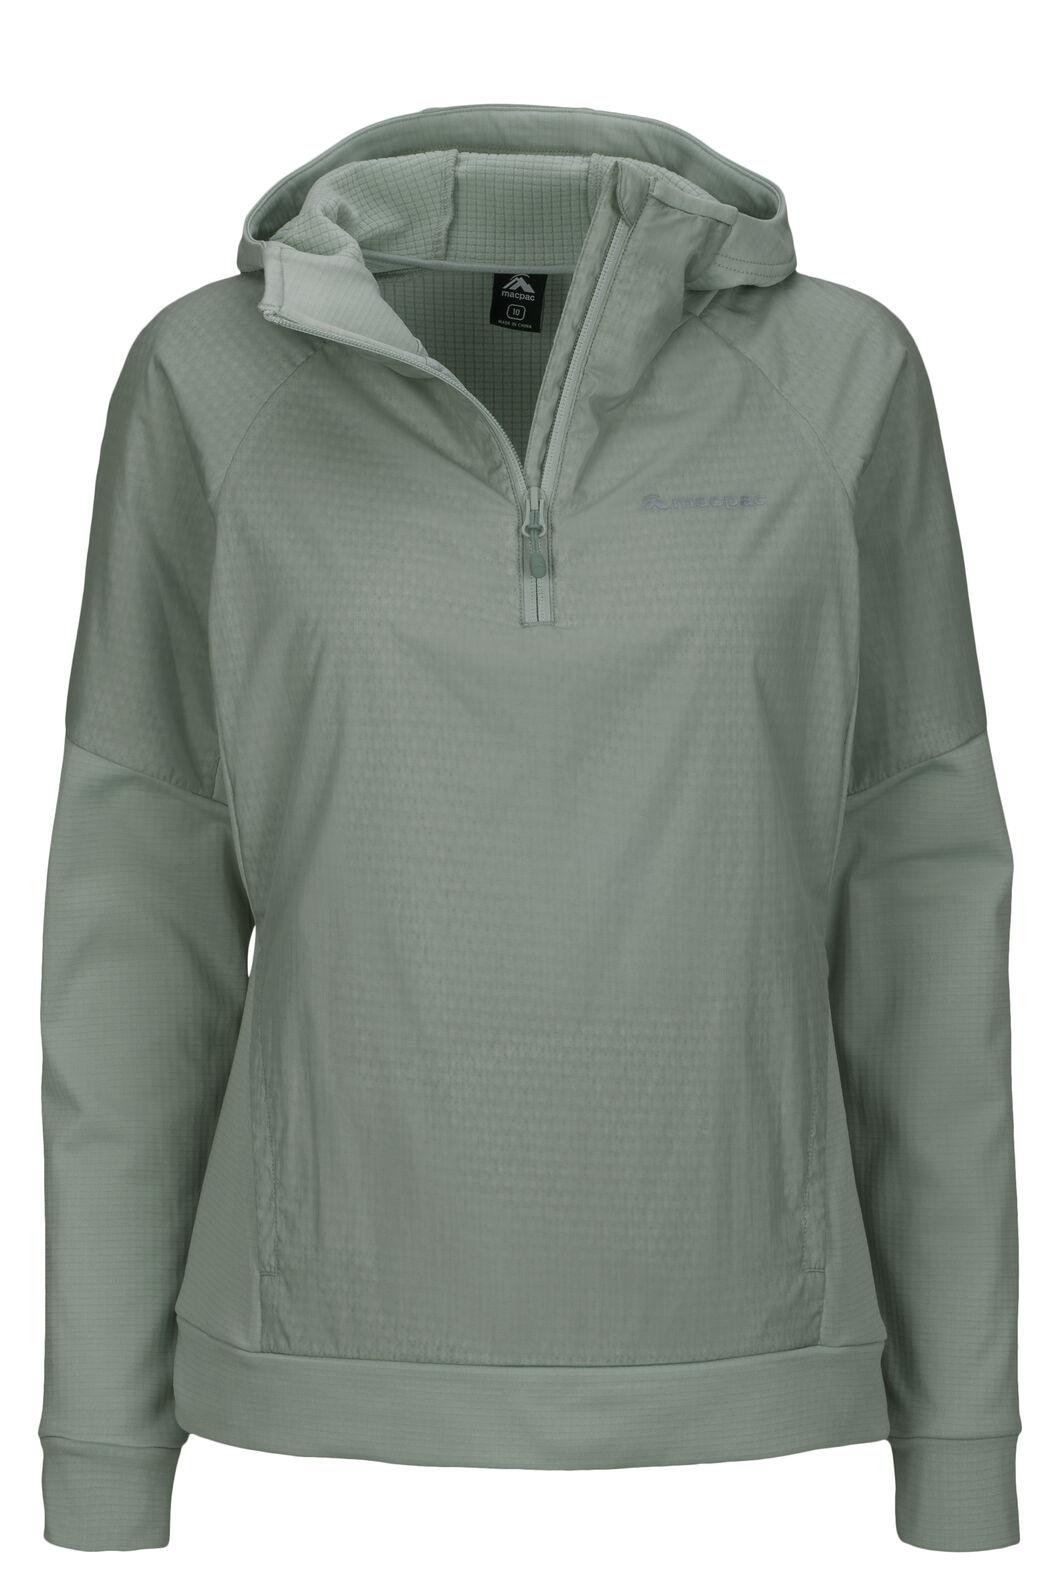 Macpac Women's Saros Polartec® Alpha® Hooded Pullover, Aqua Gray, hi-res